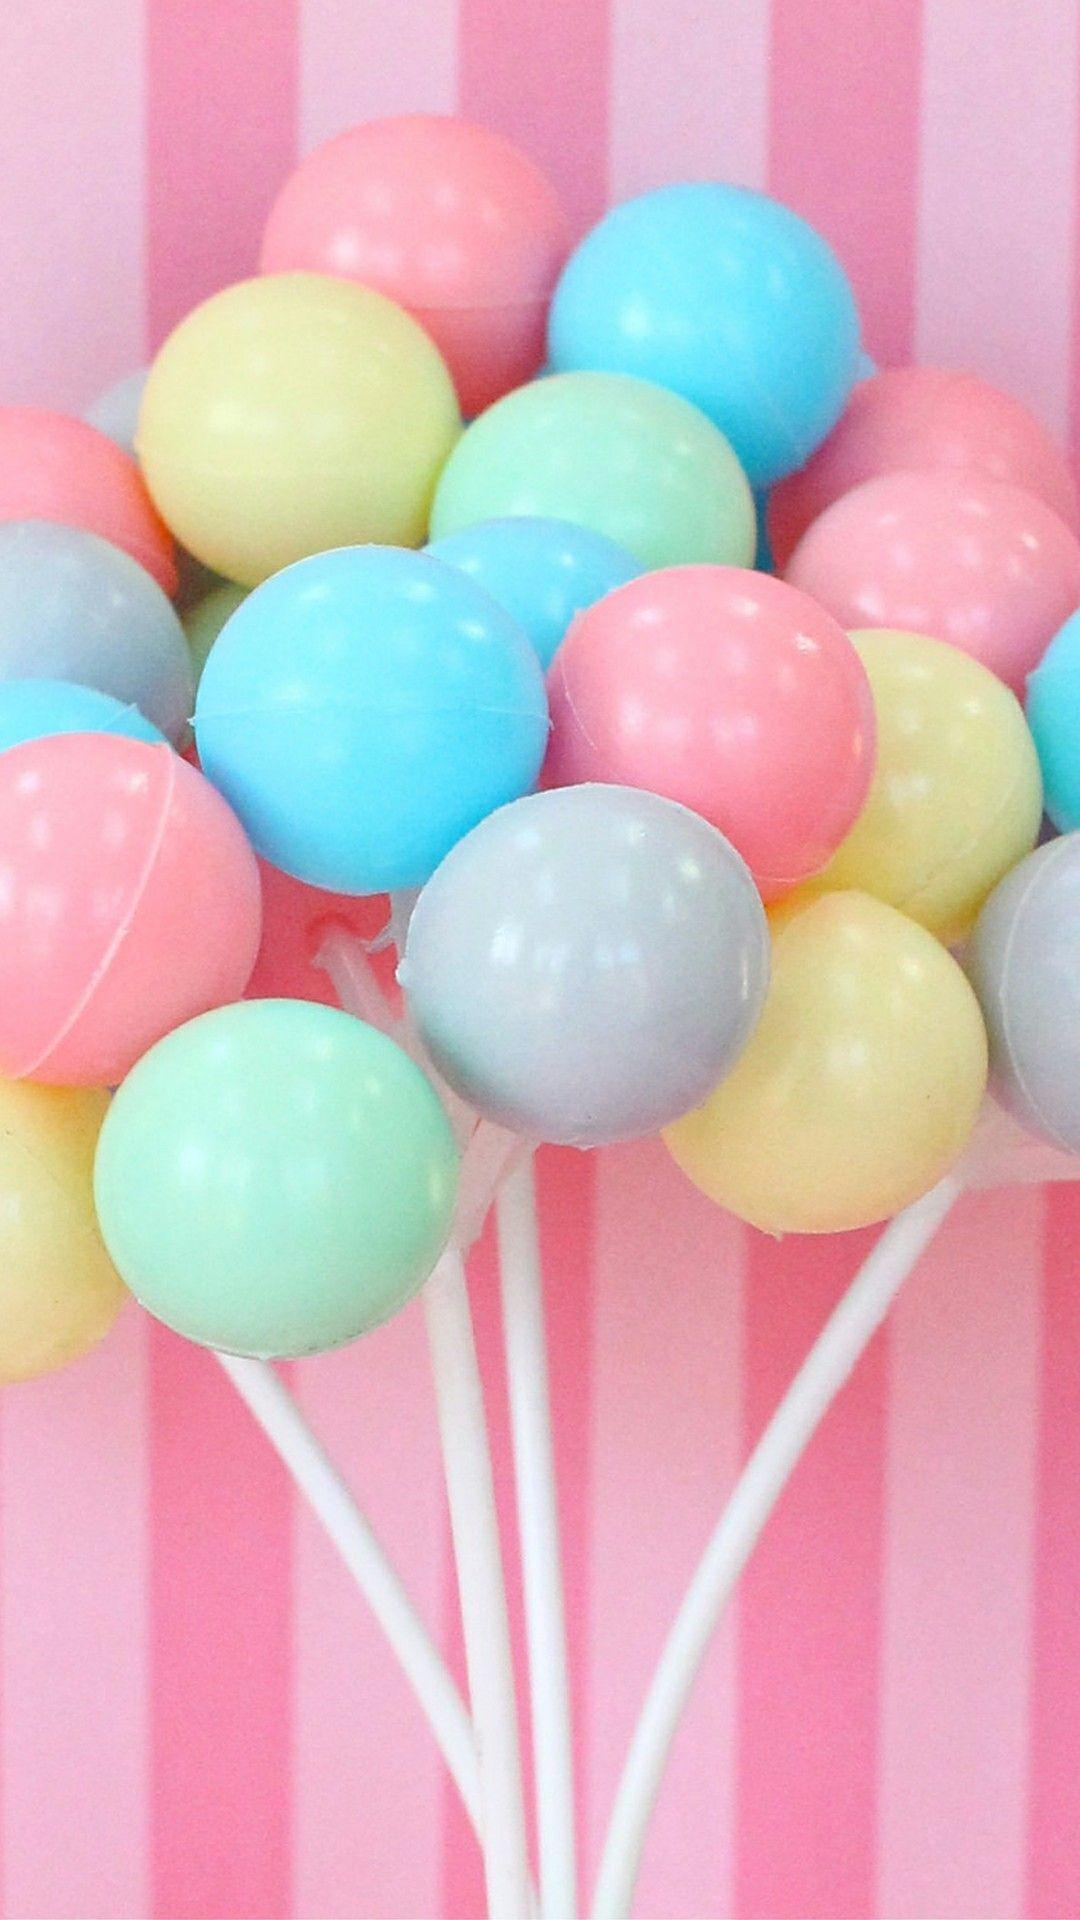 Pastel Balloon Tumblr